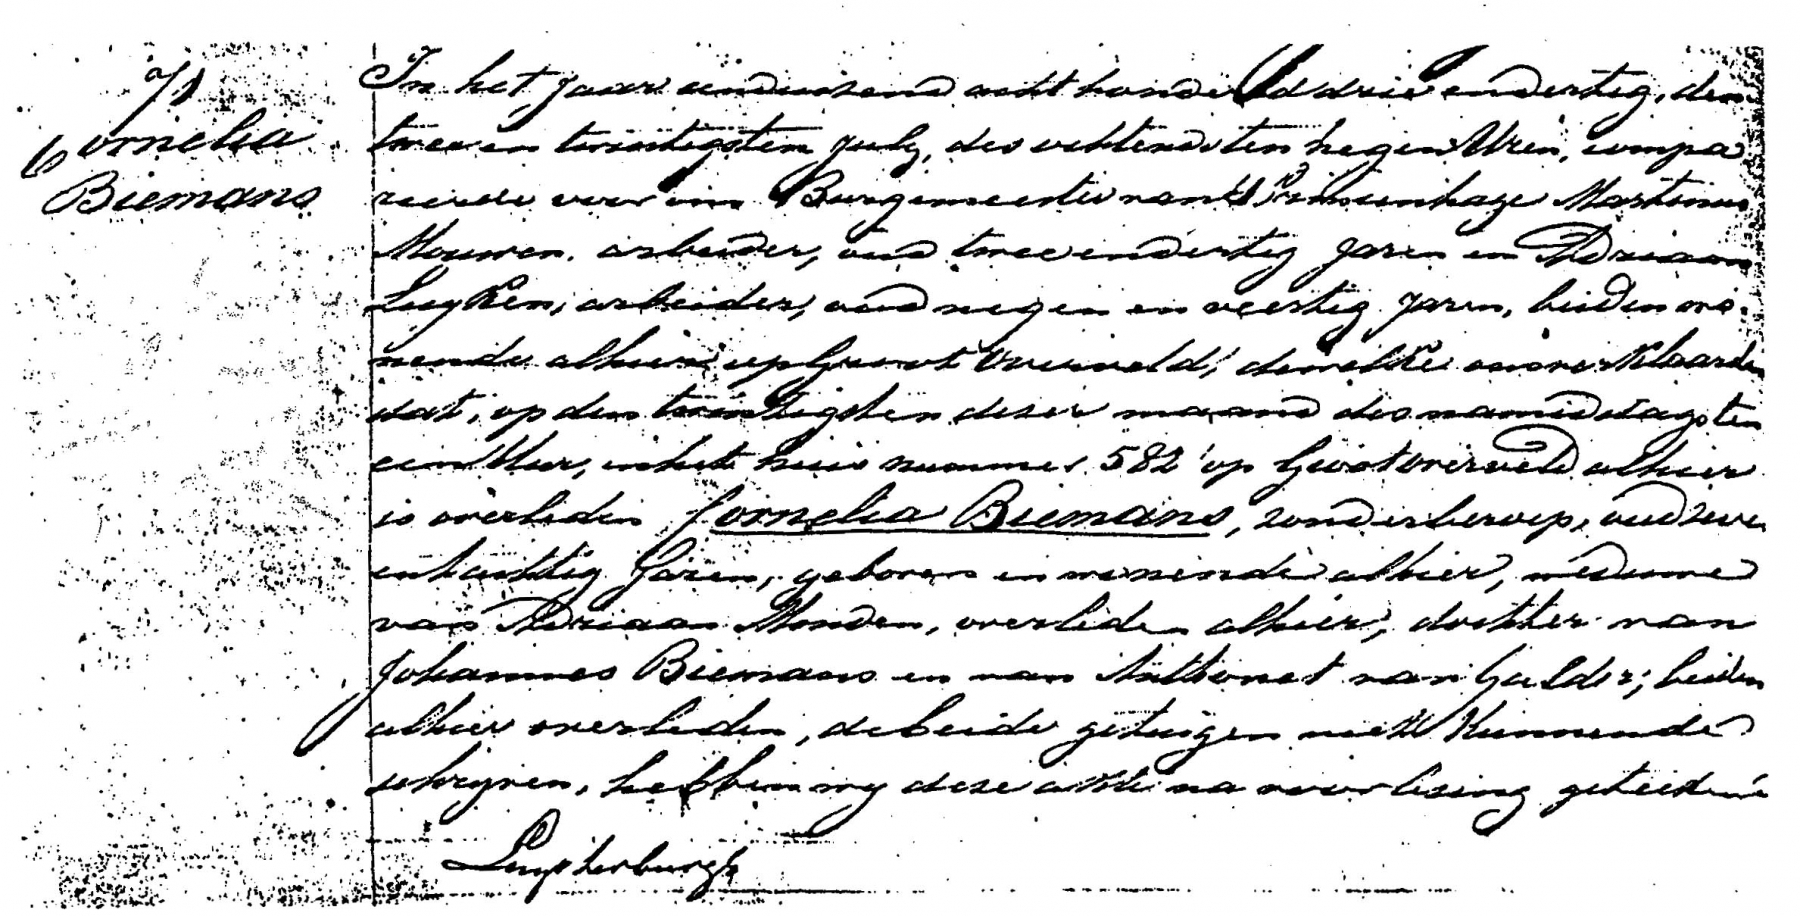 Biemans-Cornelia-Overlijden-20-07-1833-Akte